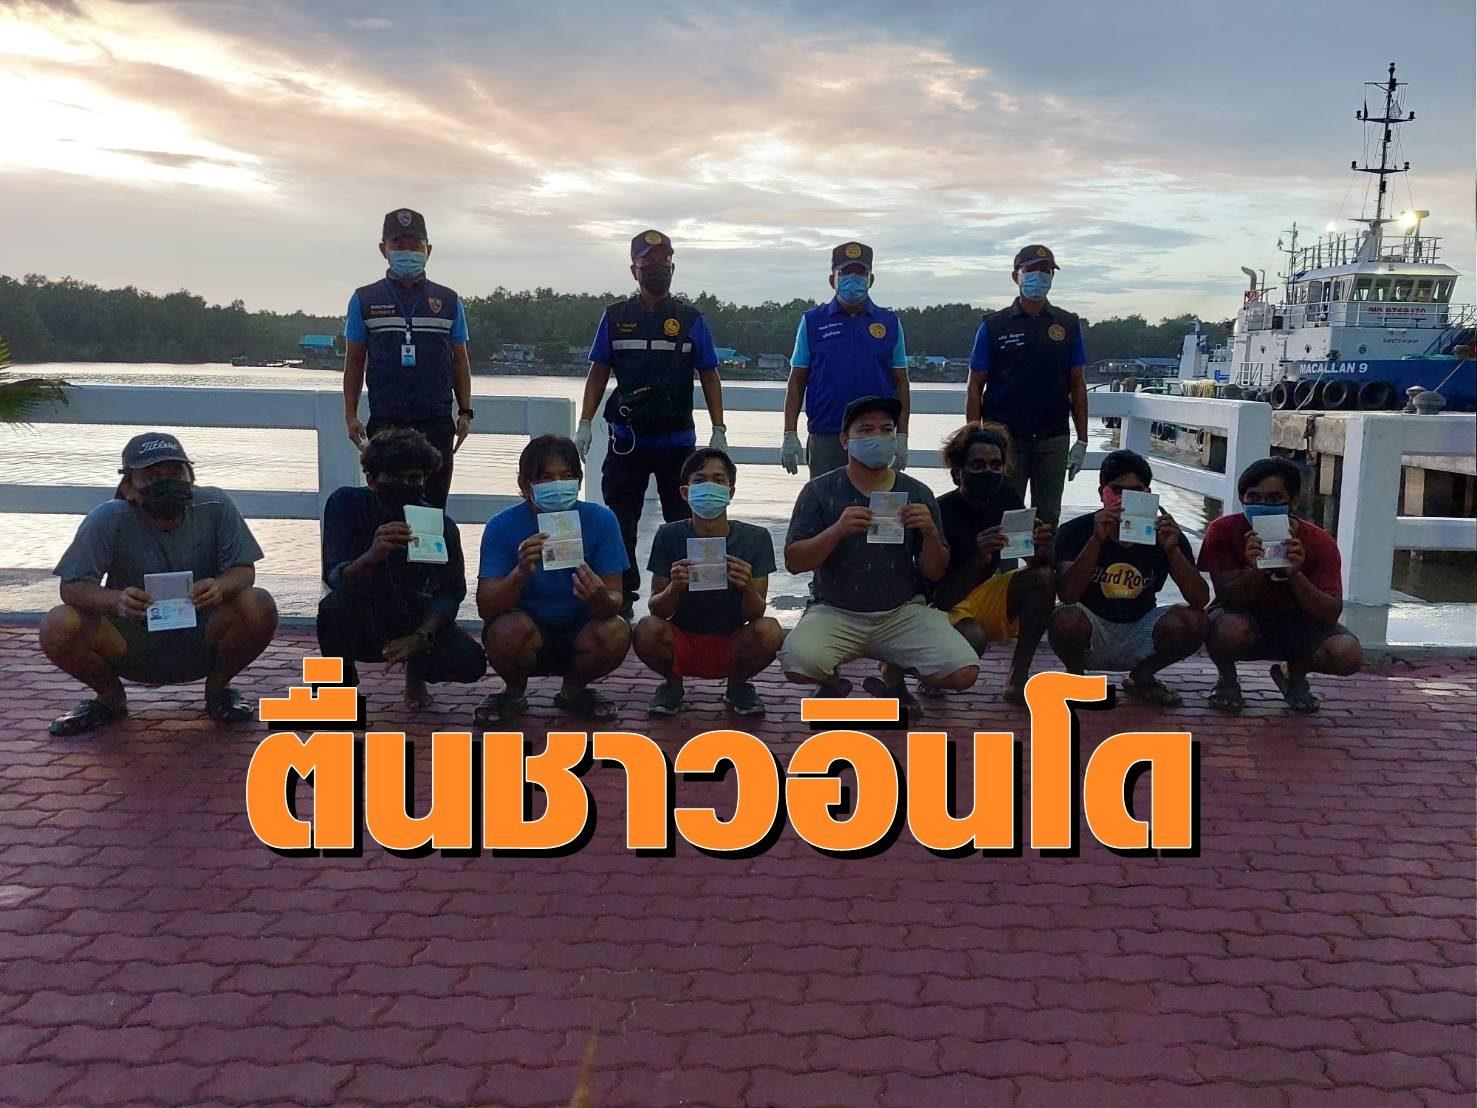 ชาวบ้านสุราษฎร์ตื่น แจ้งพบลูกเรืออินโดนีเซีย 8 คน ผู้ว่าฯสั่งตรวจสอบทันที